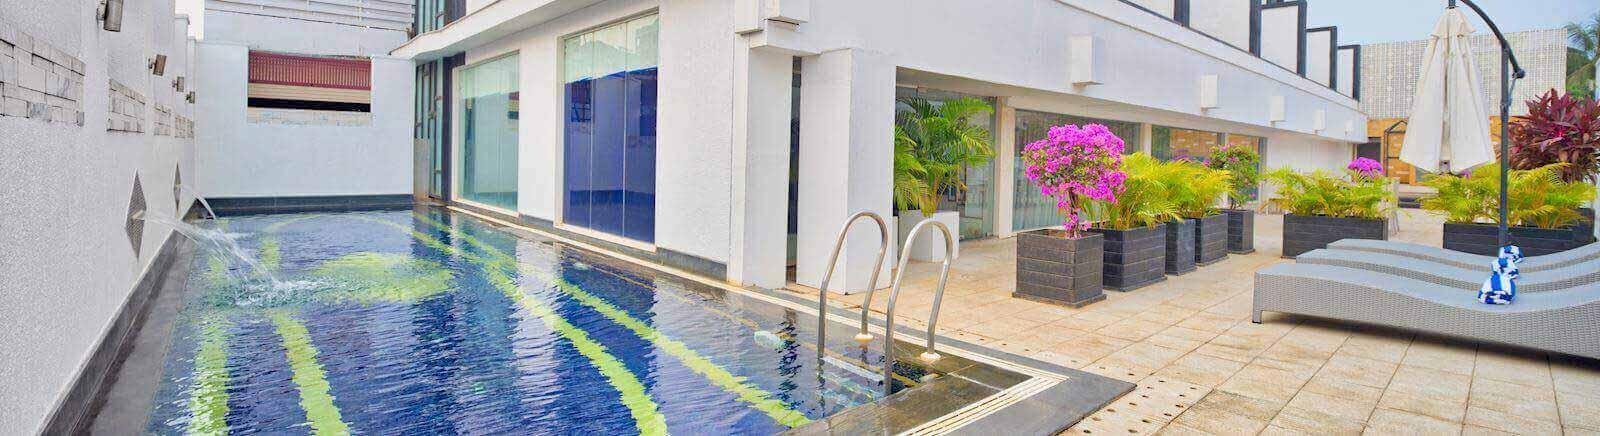 Services Facilities of Hotel Goa Dona Paula